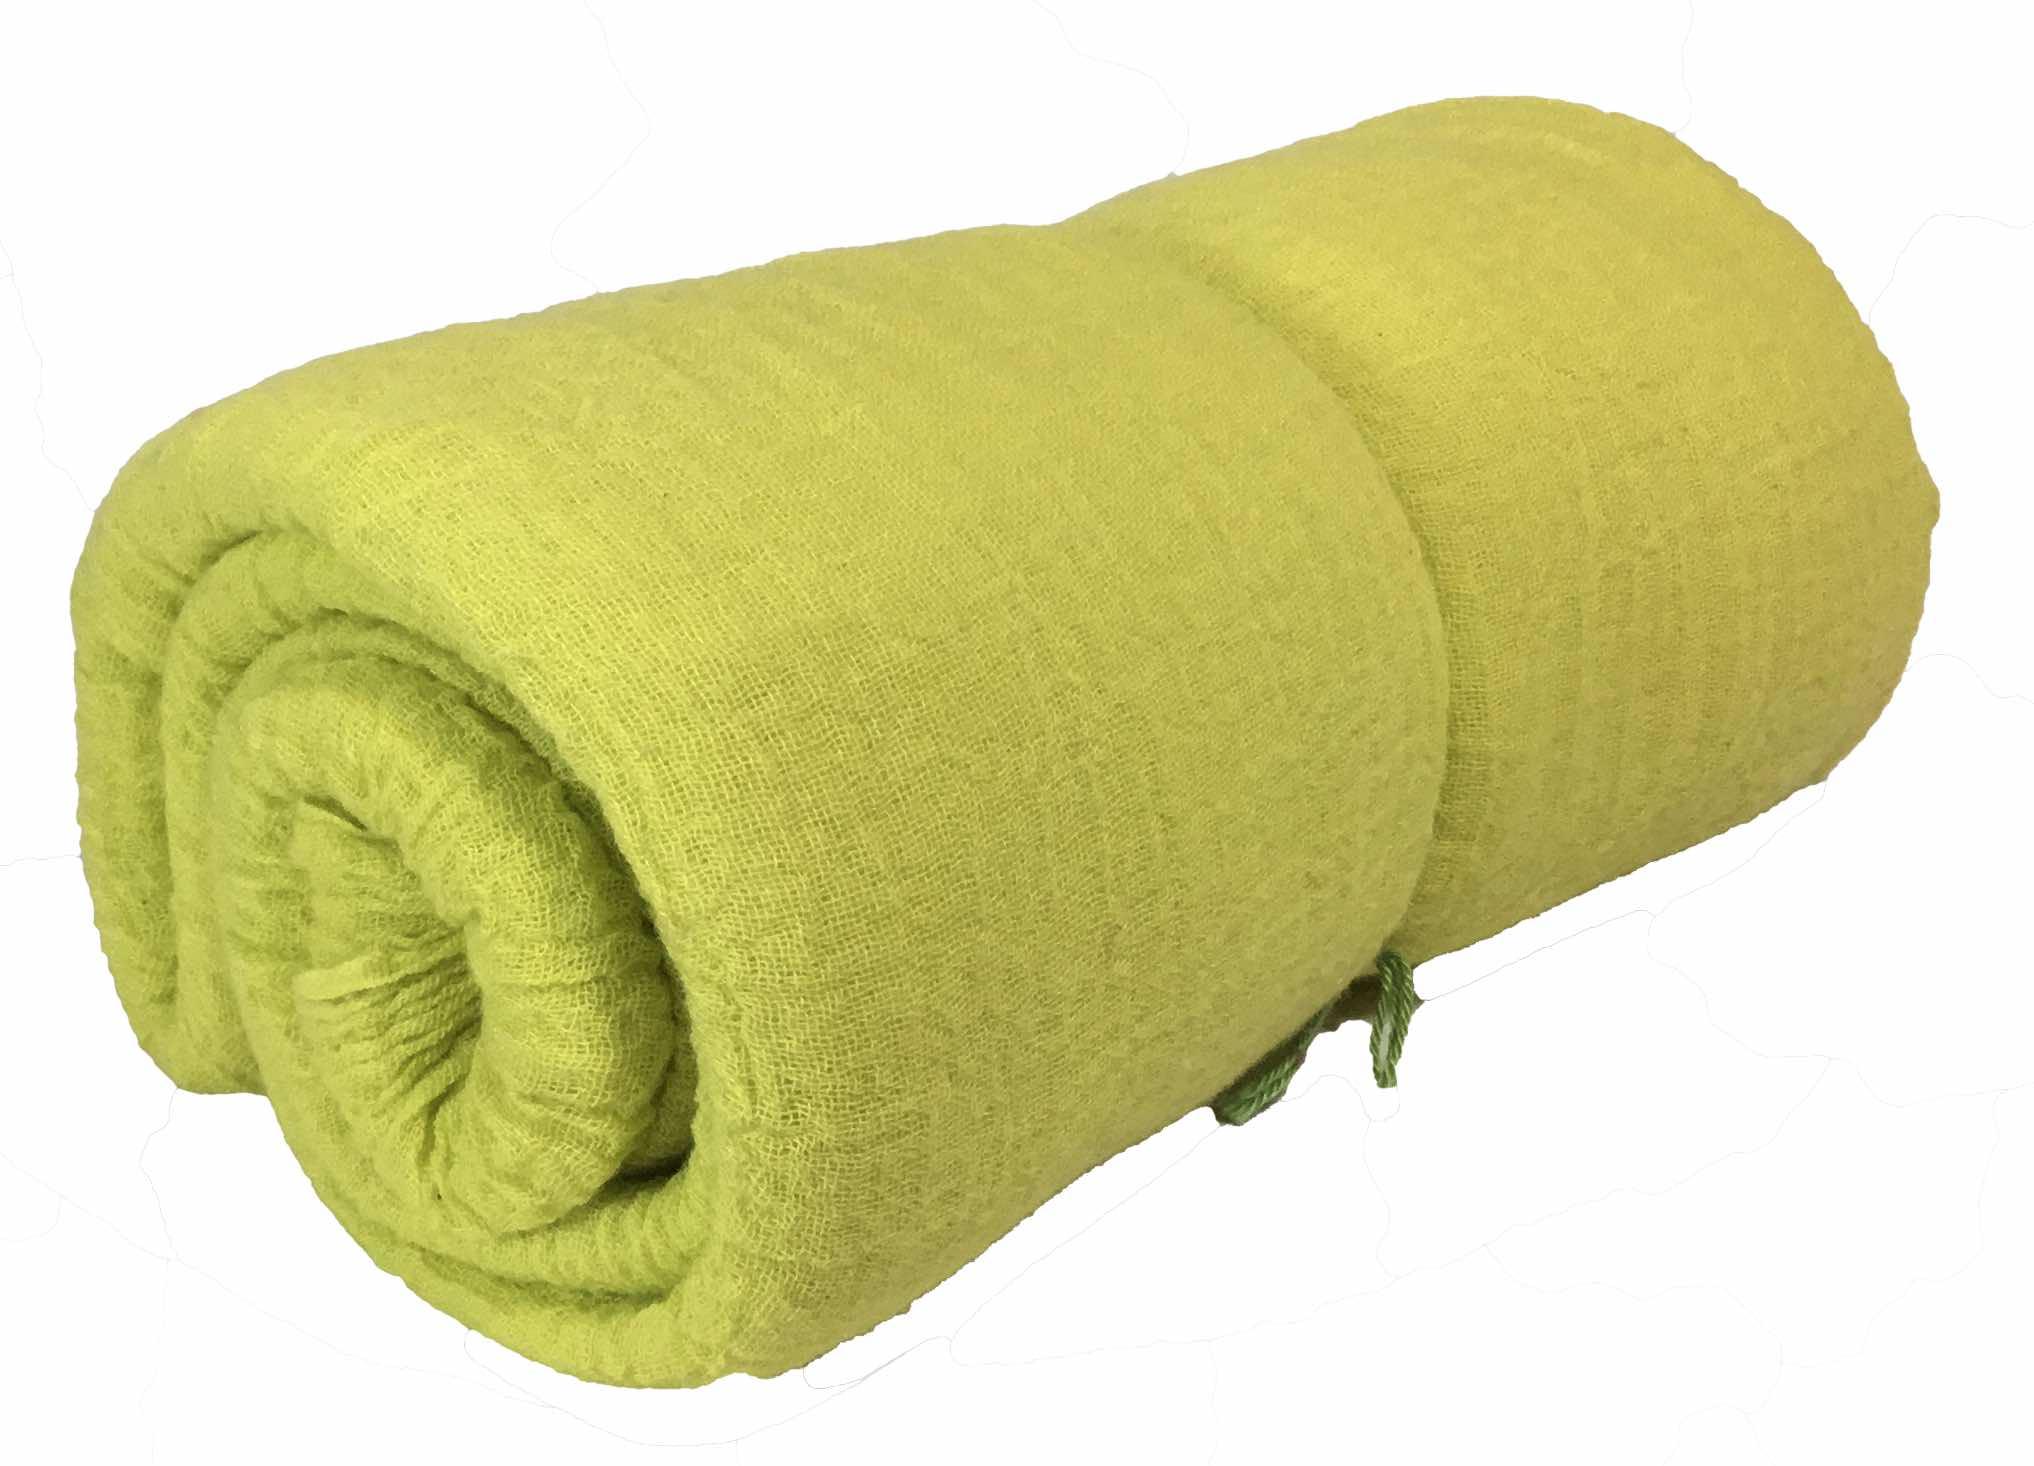 Spieltuch gelbgrün